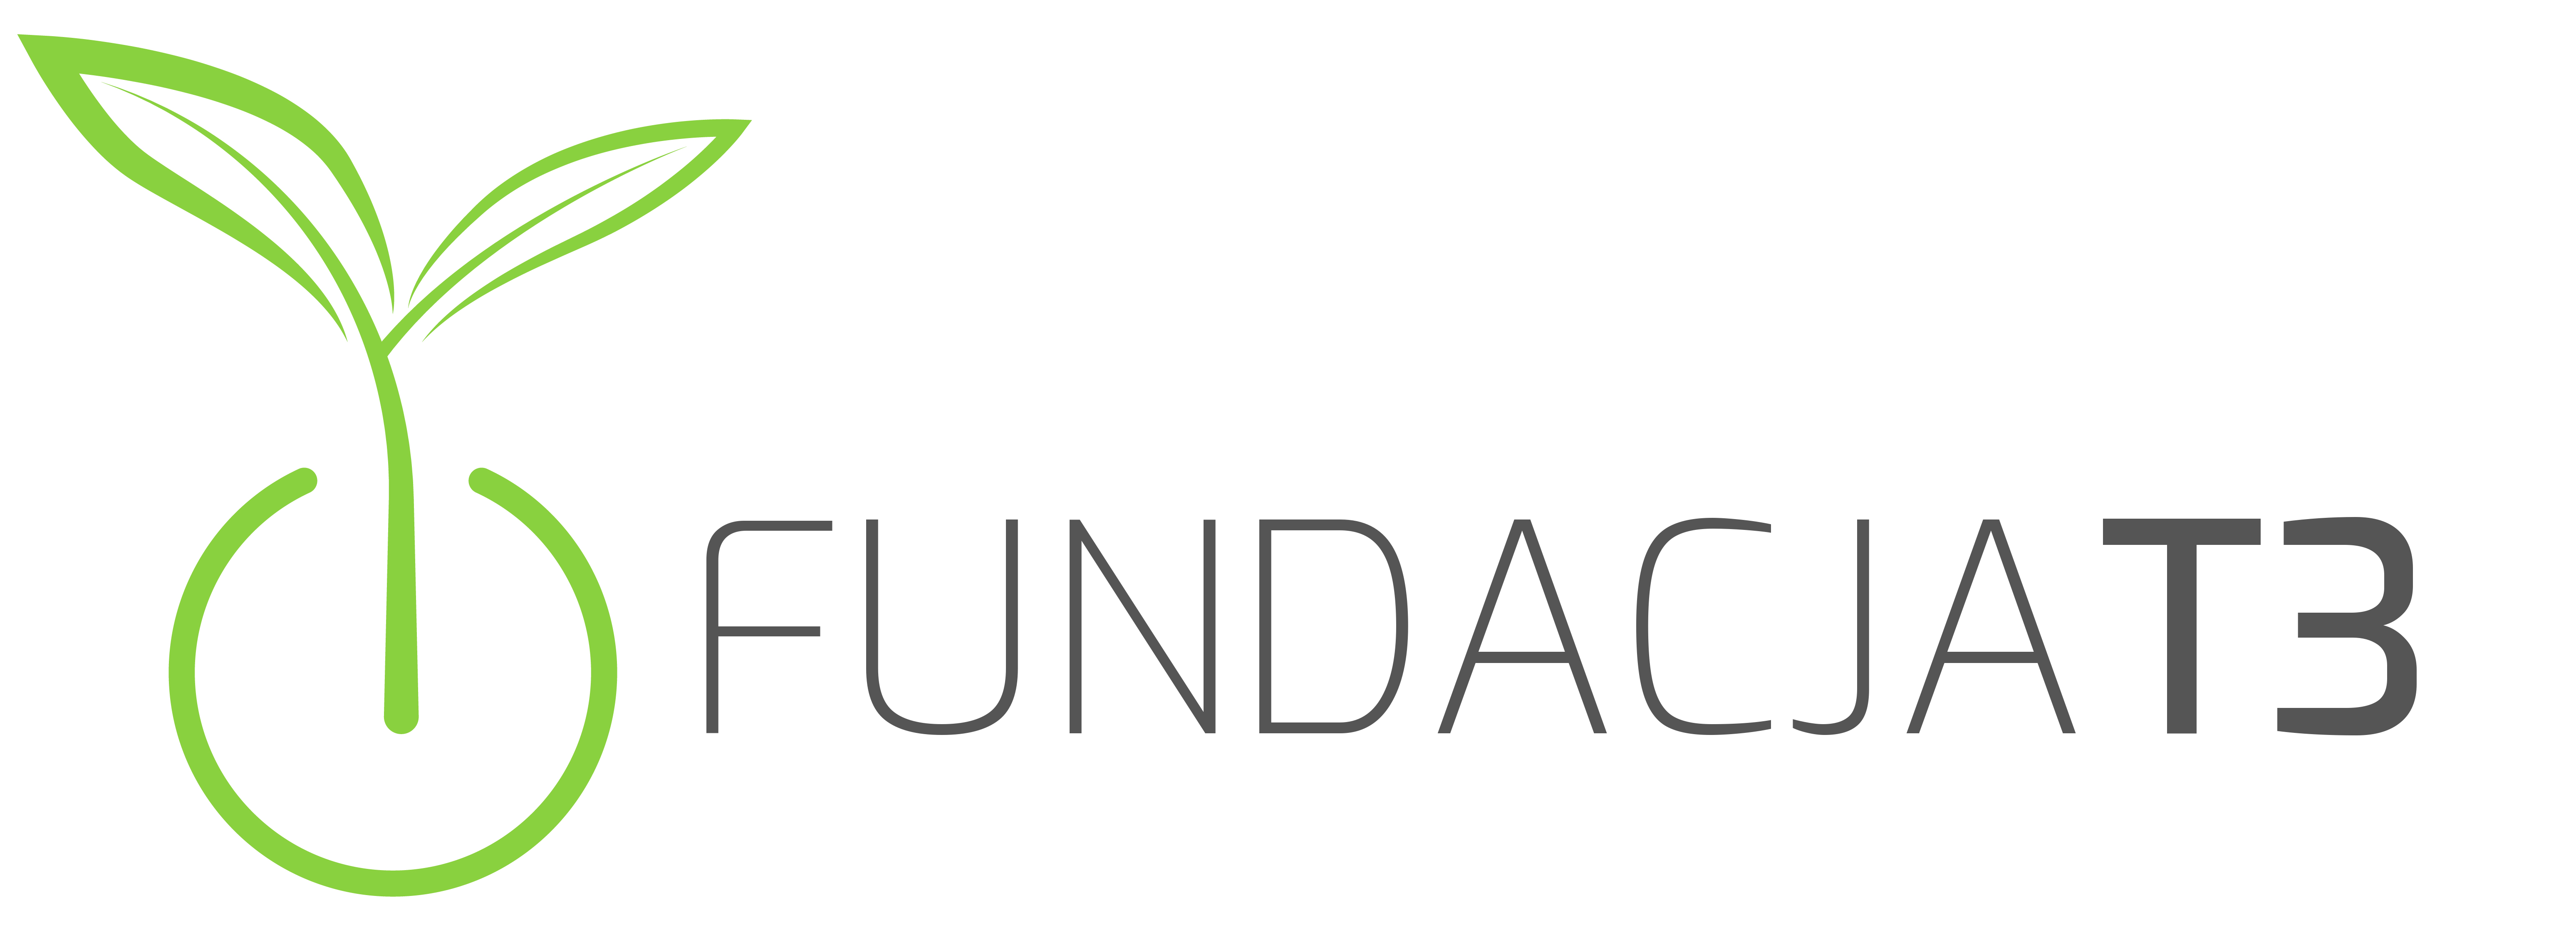 Fundacjat3 logo